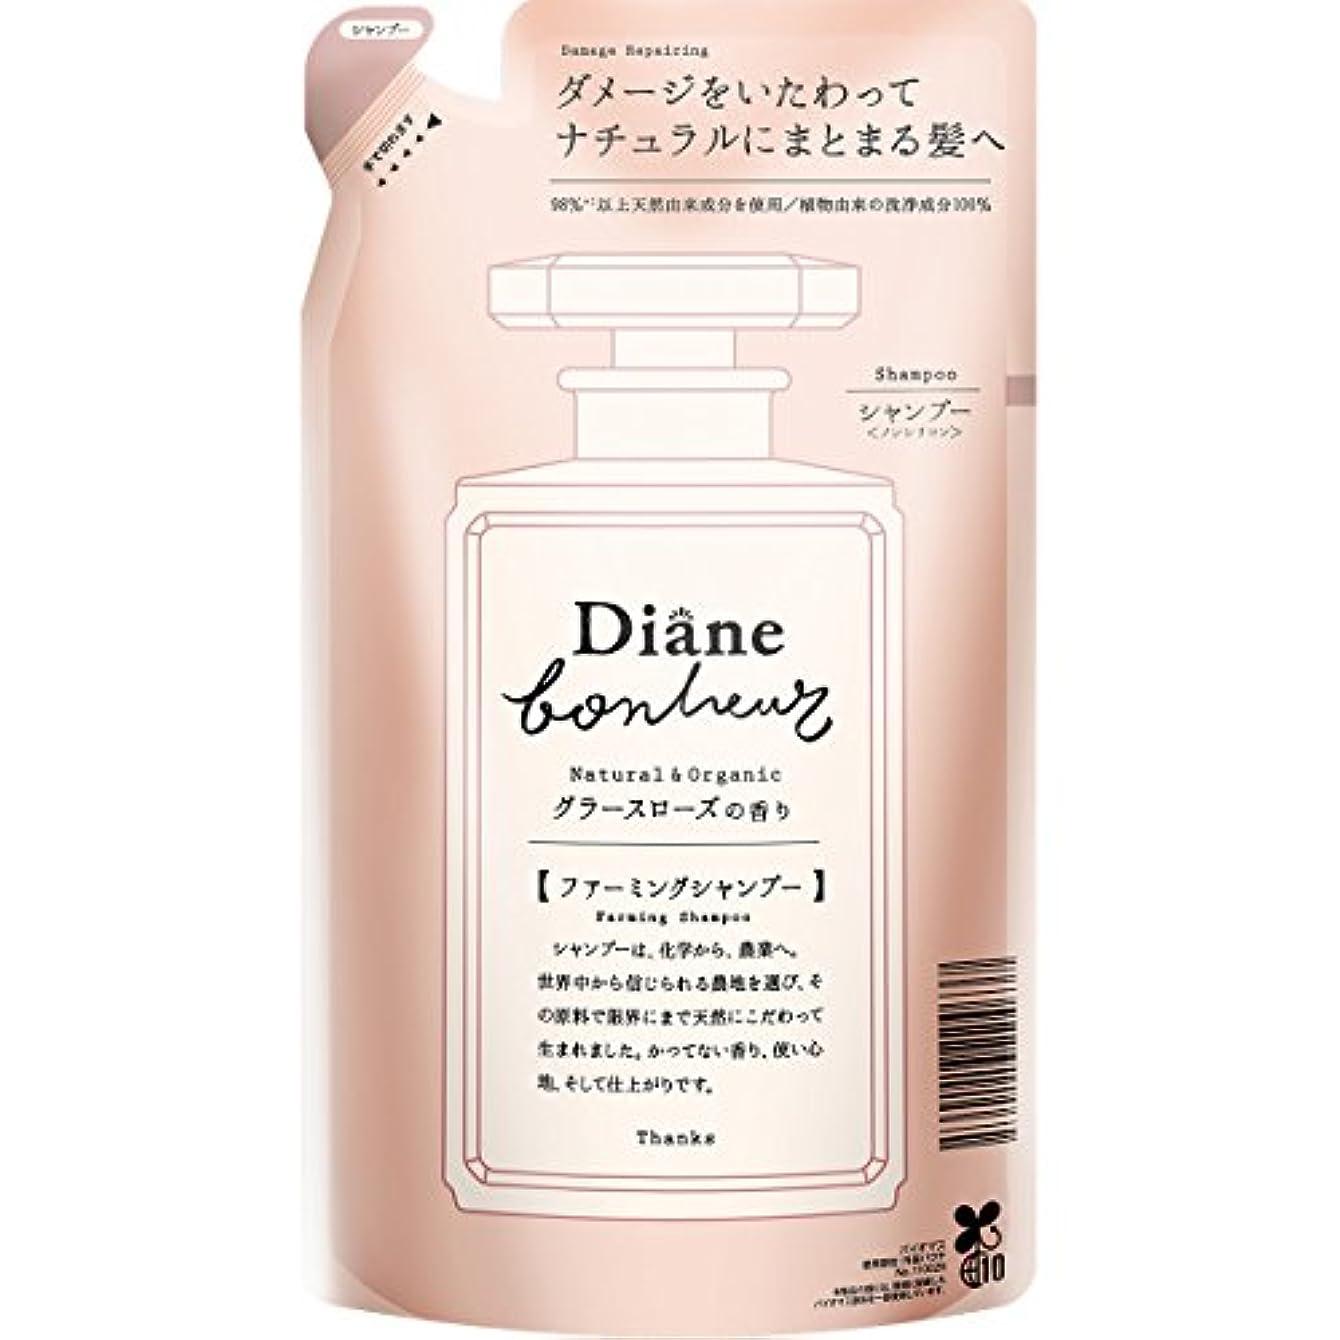 画面固有のエゴイズムダイアン ボヌール グラースローズの香り ダメージリペア シャンプー 詰め替え 400ml